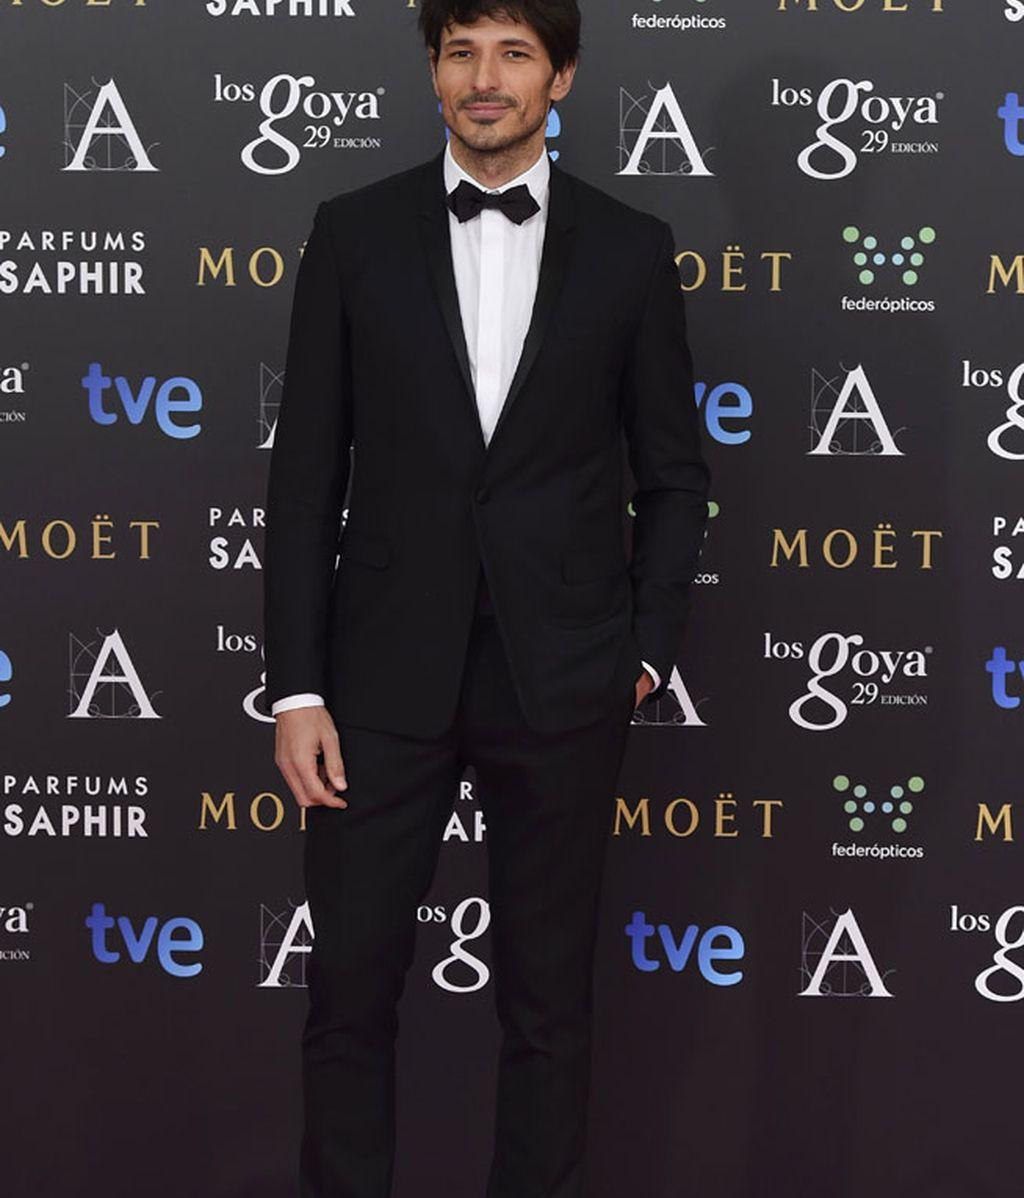 Andrés Velencoso de Dior